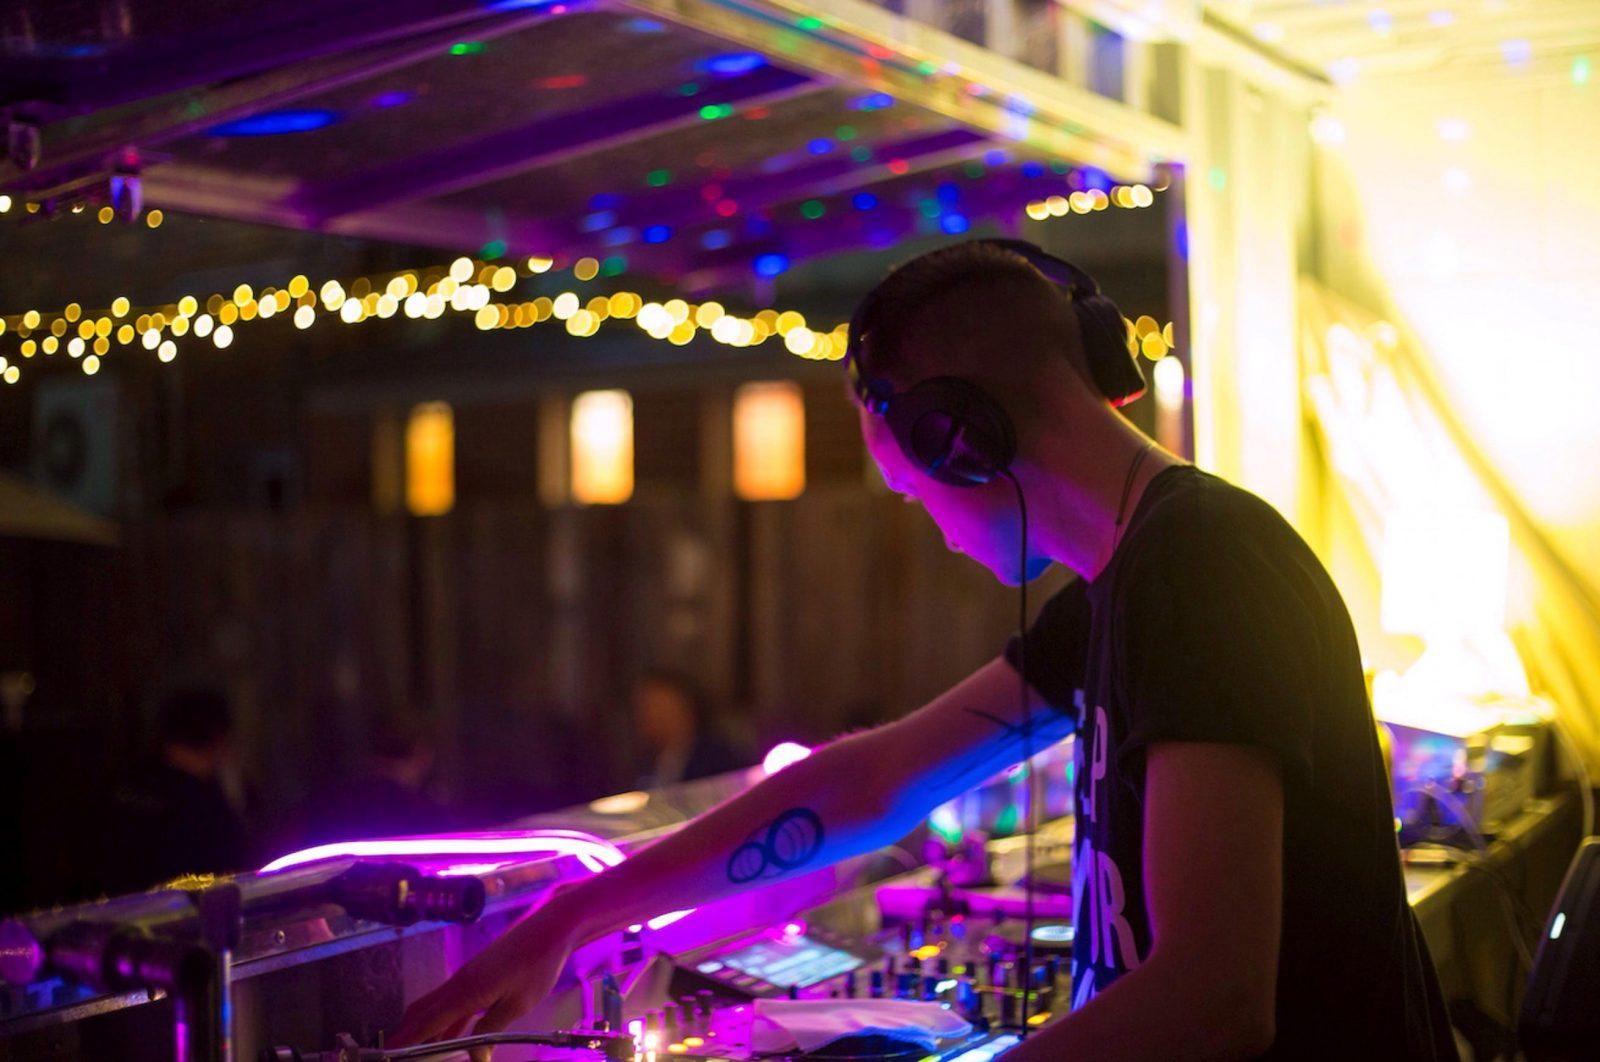 DJ Slyshun performing